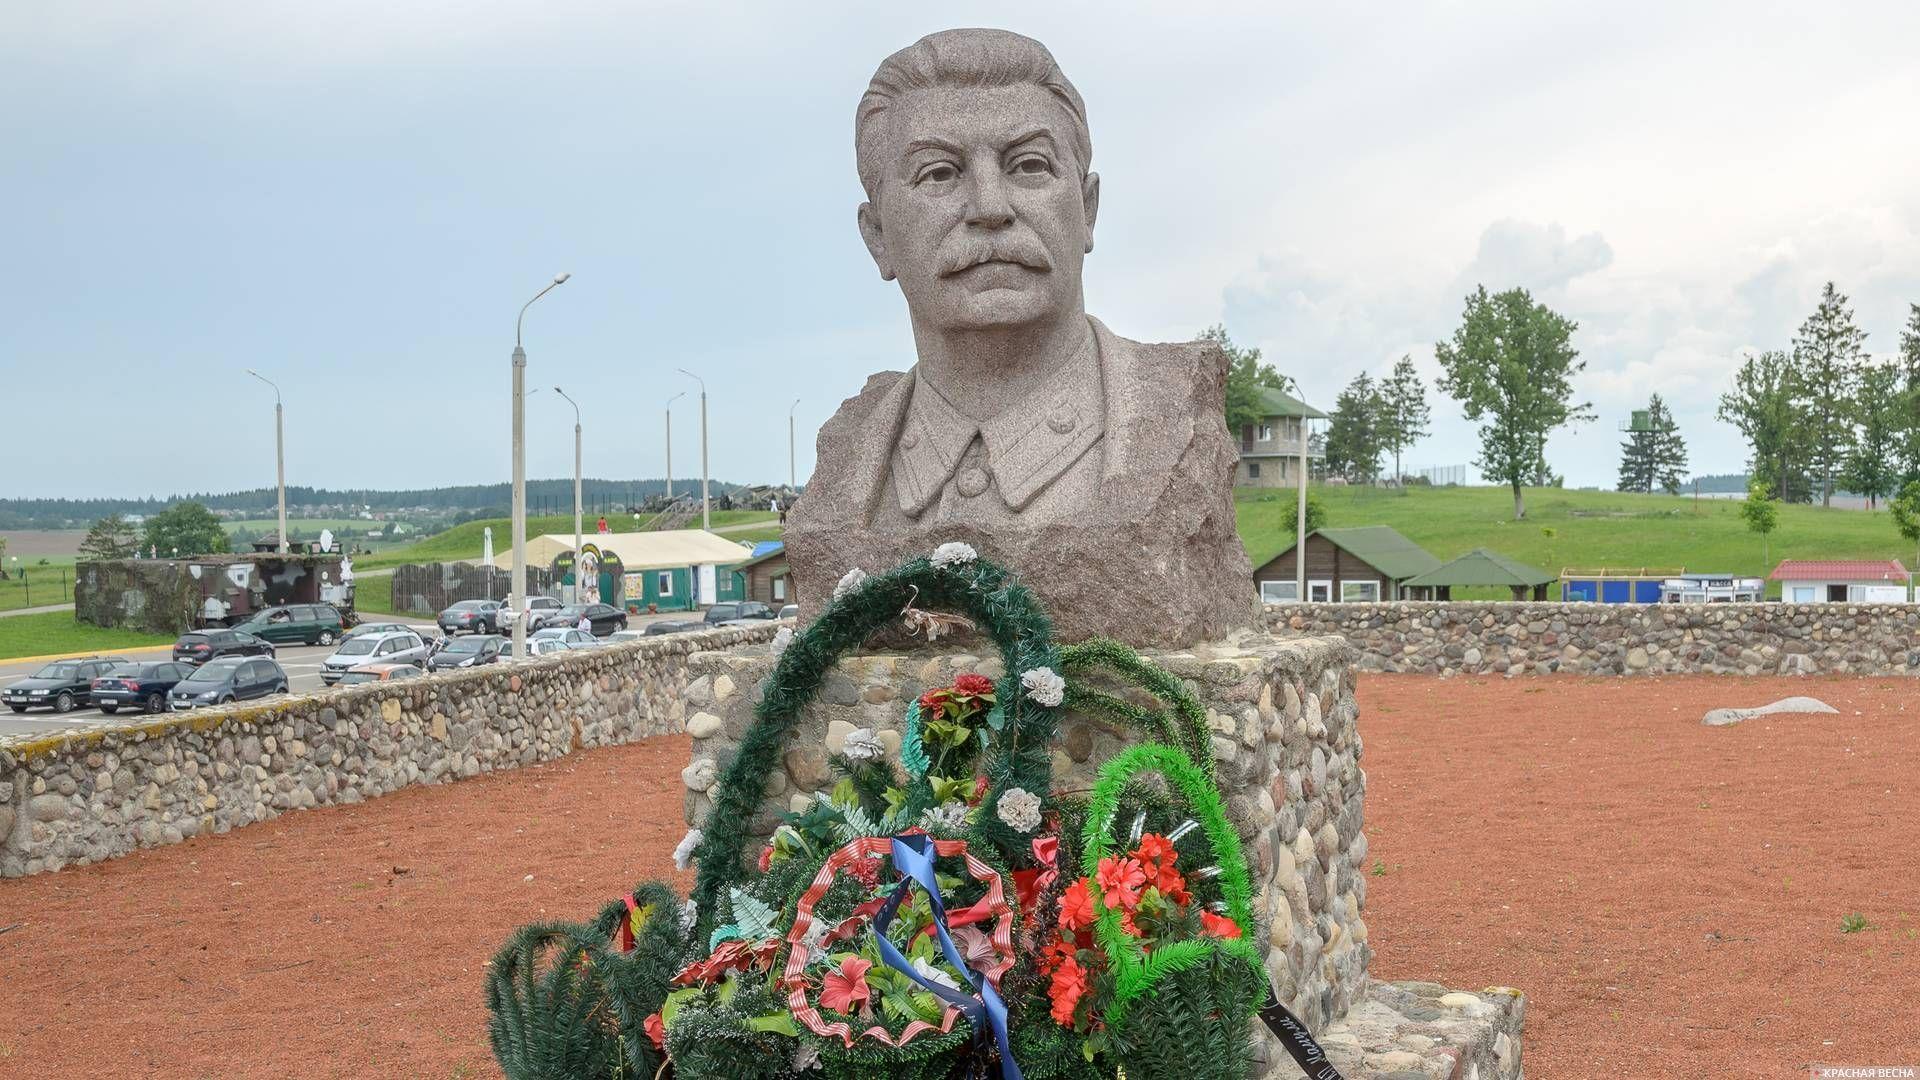 Памятник Иосифу Виссарионовичу Сталину, комплекс «Линия Сталина», Белоруссия 09.06.2013